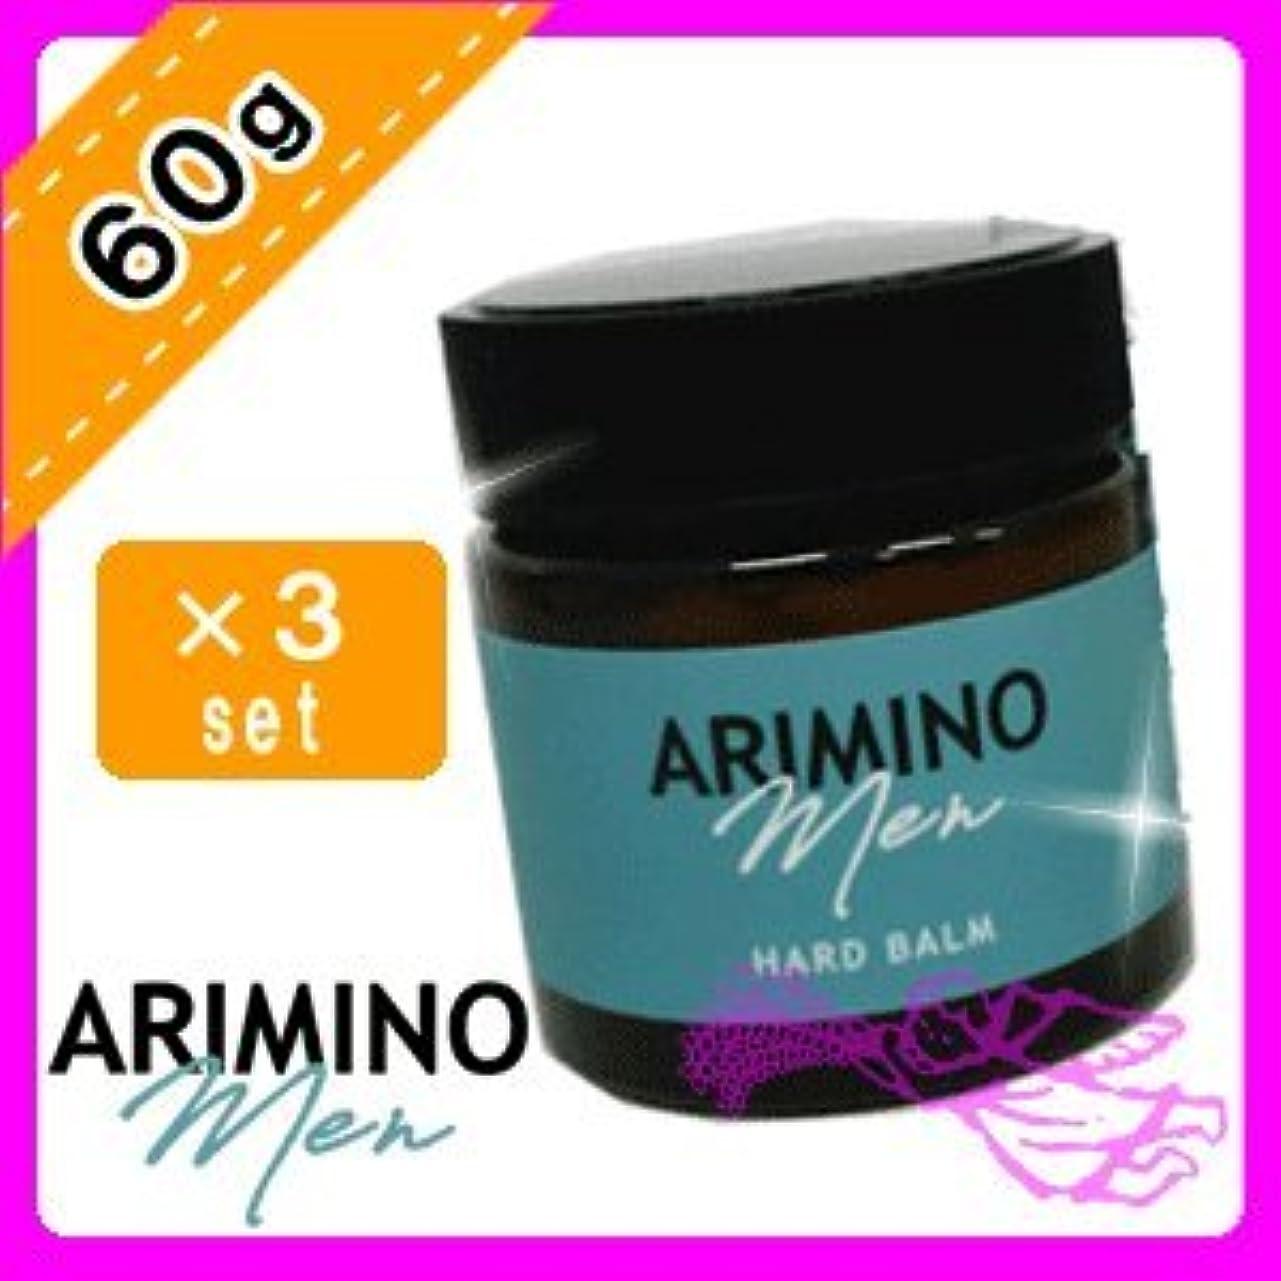 コミットメント強調に関してアリミノ メン ハード バーム 60g ×3個 セット arimino men